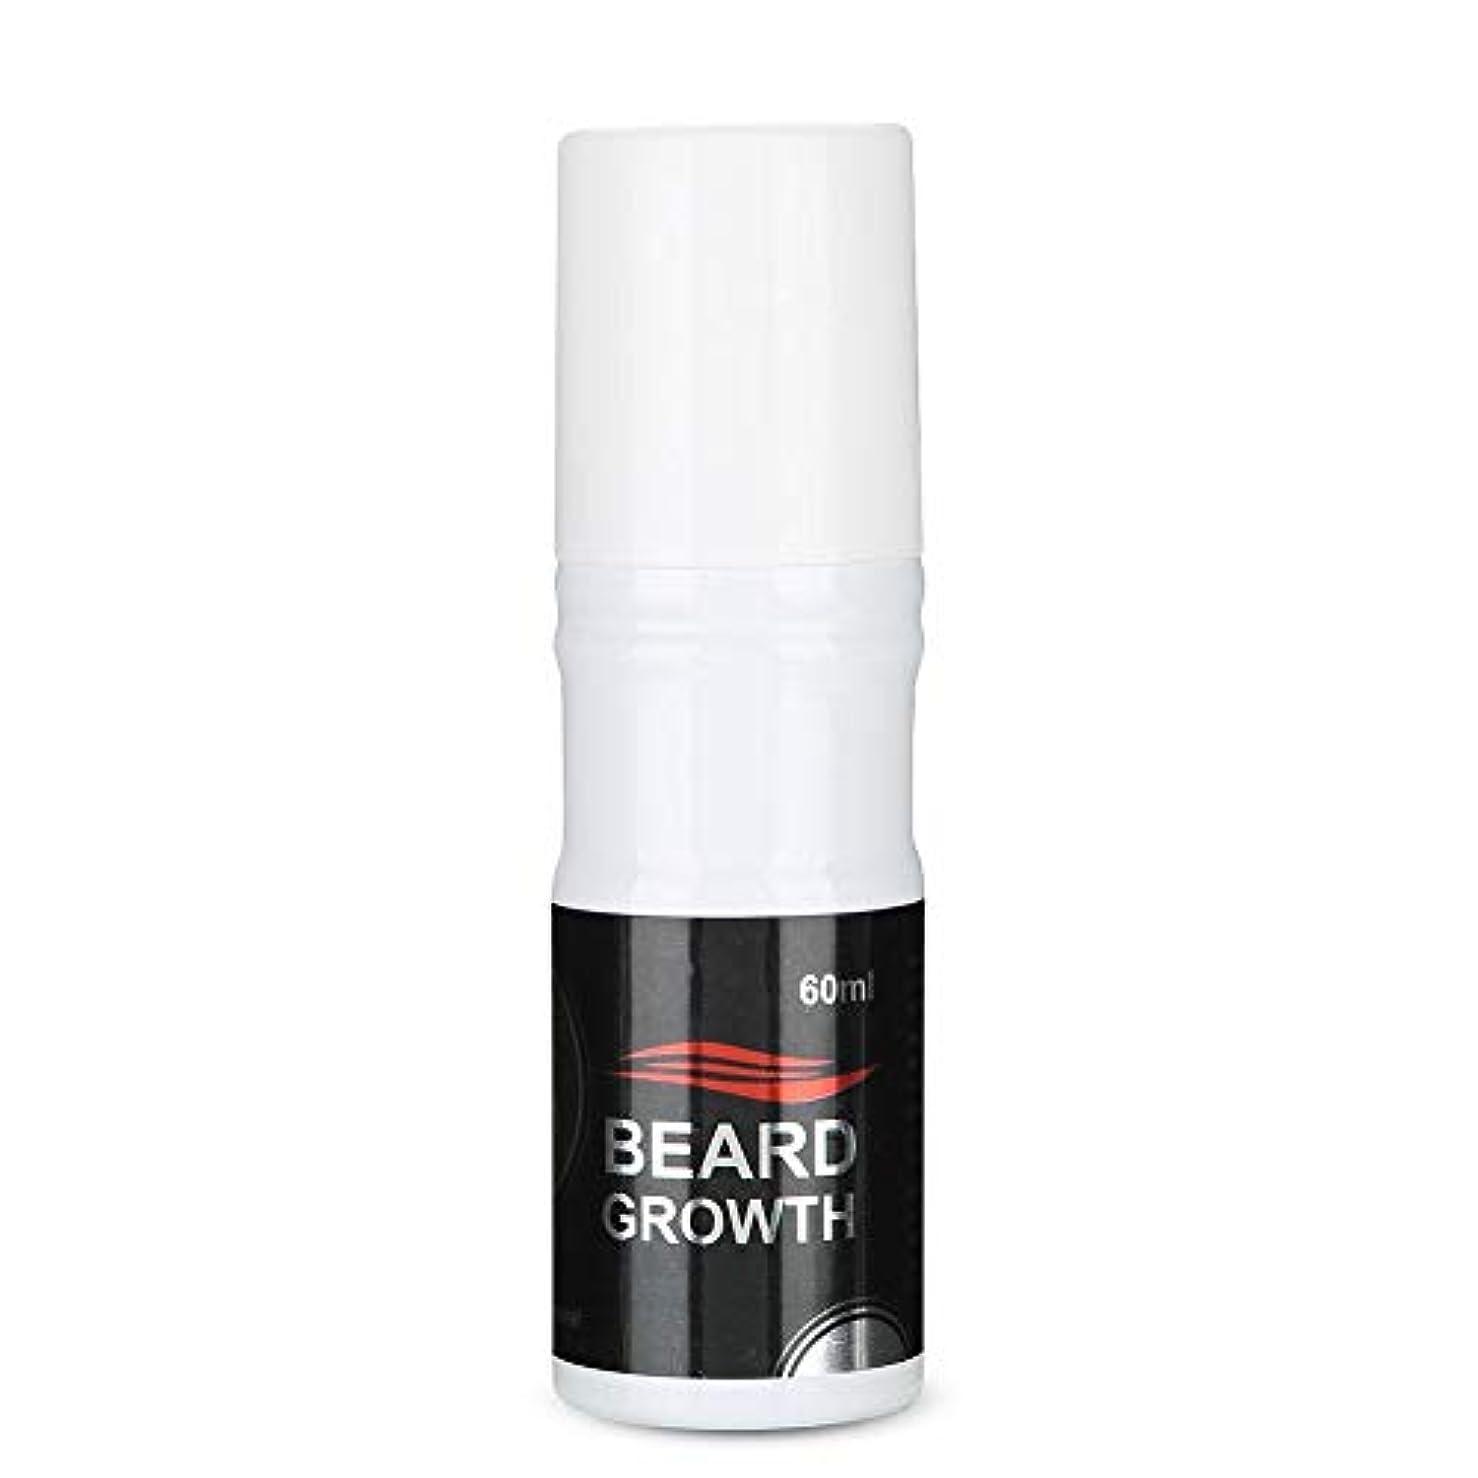 適合する殉教者仲間、同僚Semme 60ml男性のひげの成長のスプレー、より厚いのための自然で加速するひげの成長オイルの顔の毛の成長Lequidおよびより完全なひげ